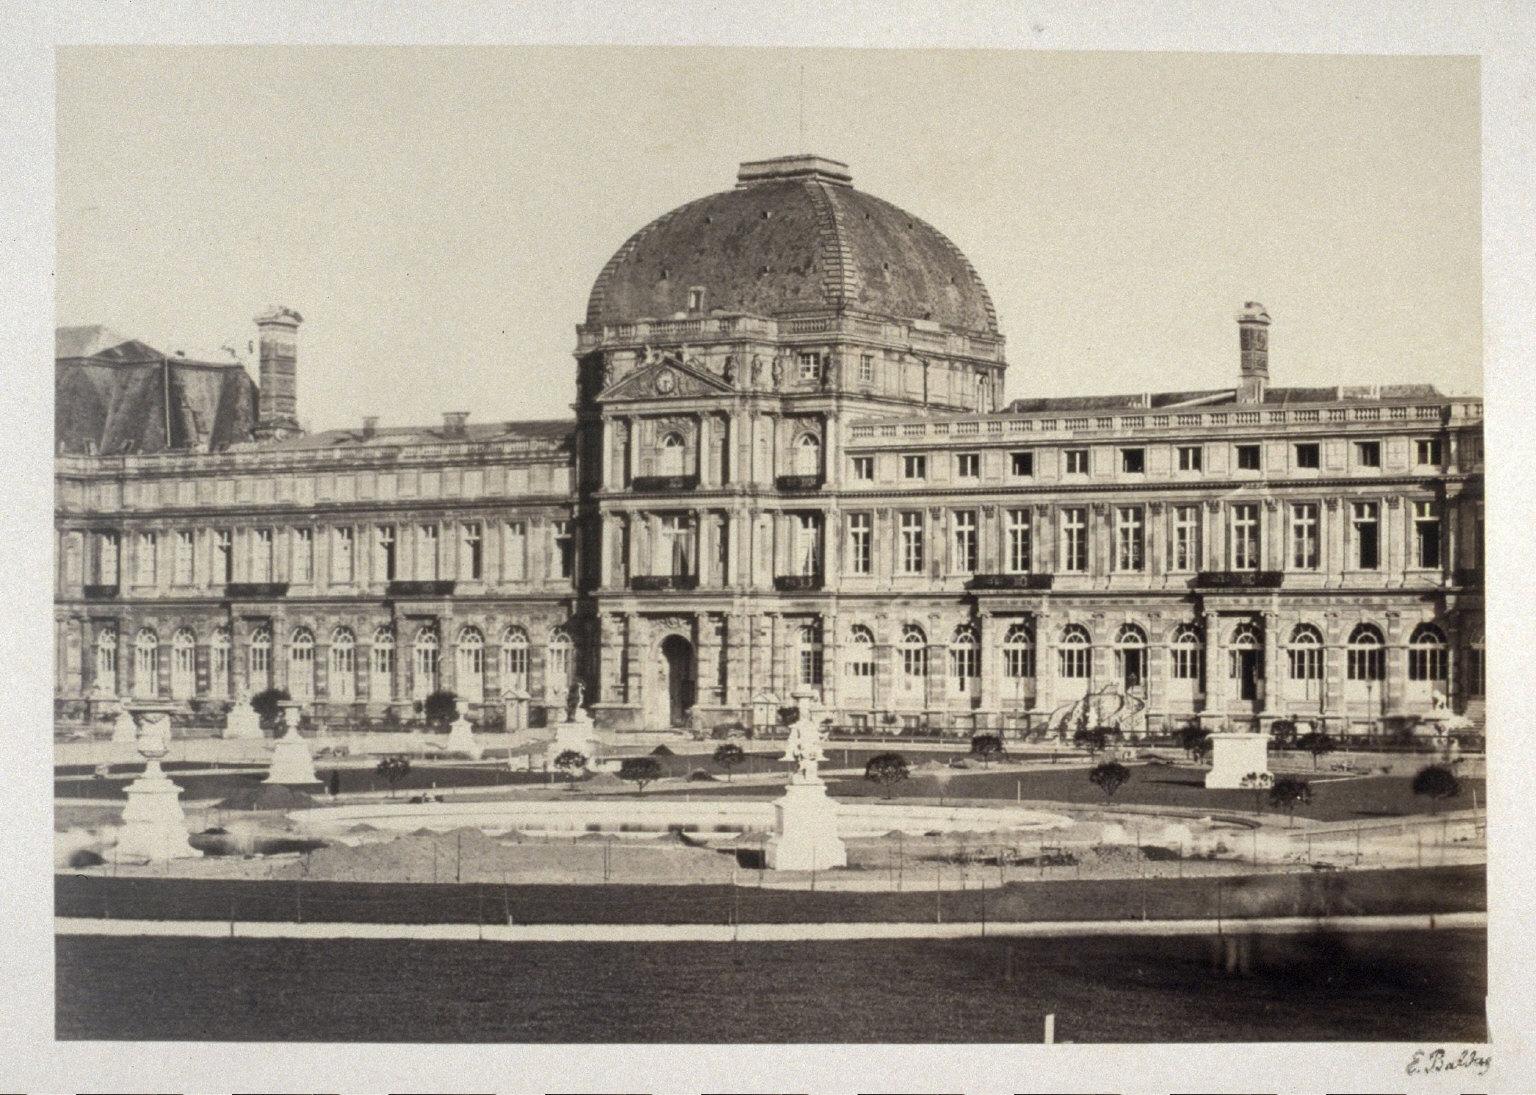 Louvre from 11 albumen prints from Vues de Paris en Photographie, 1858